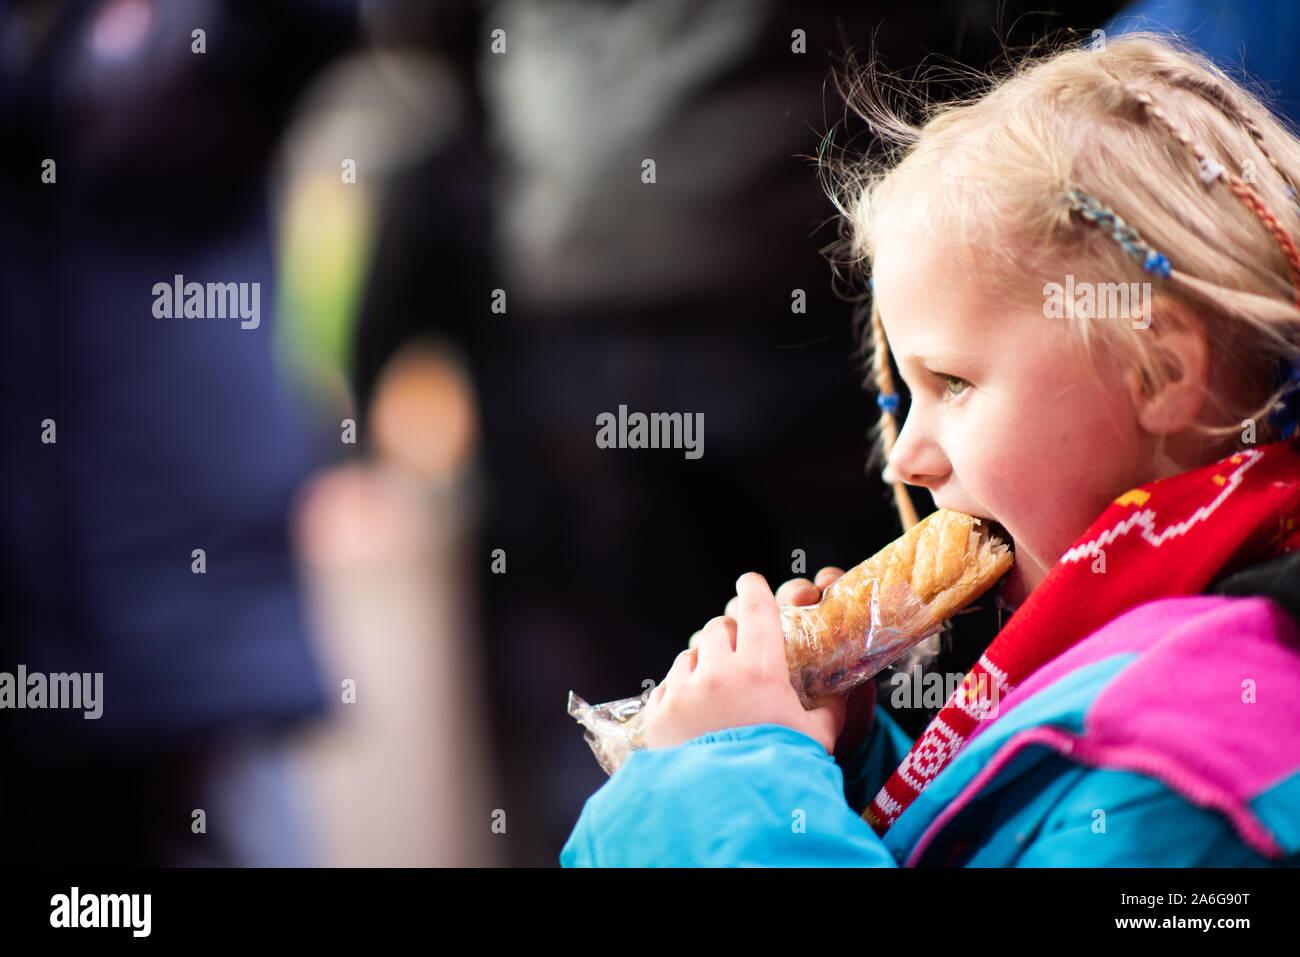 Une jolie petite fille bénéficie d'une saucisse chaude à un match de football de Stoke City FC, BET 365 Stadium Banque D'Images